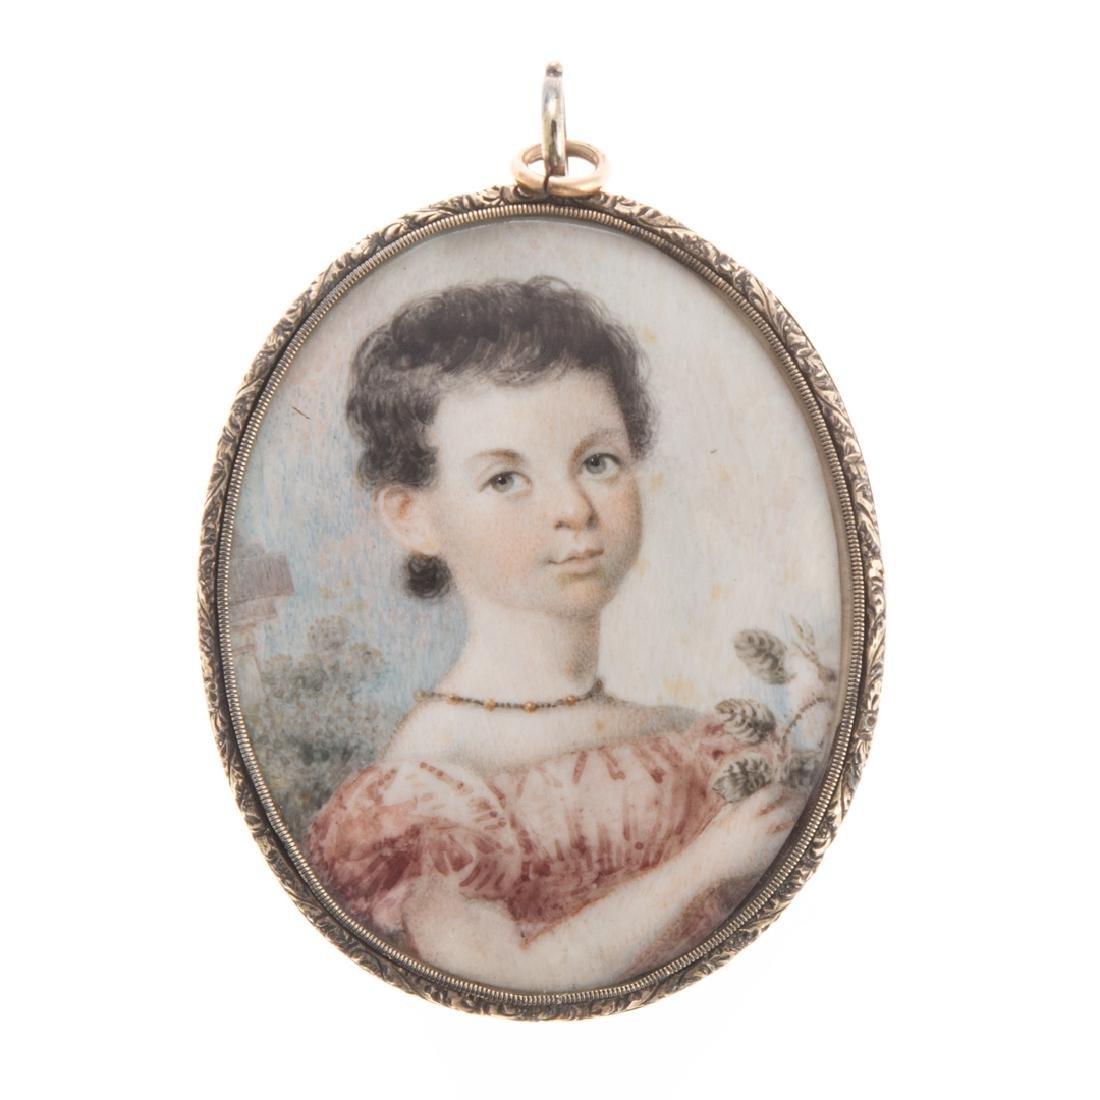 William Lewis, portrait miniature memento mori